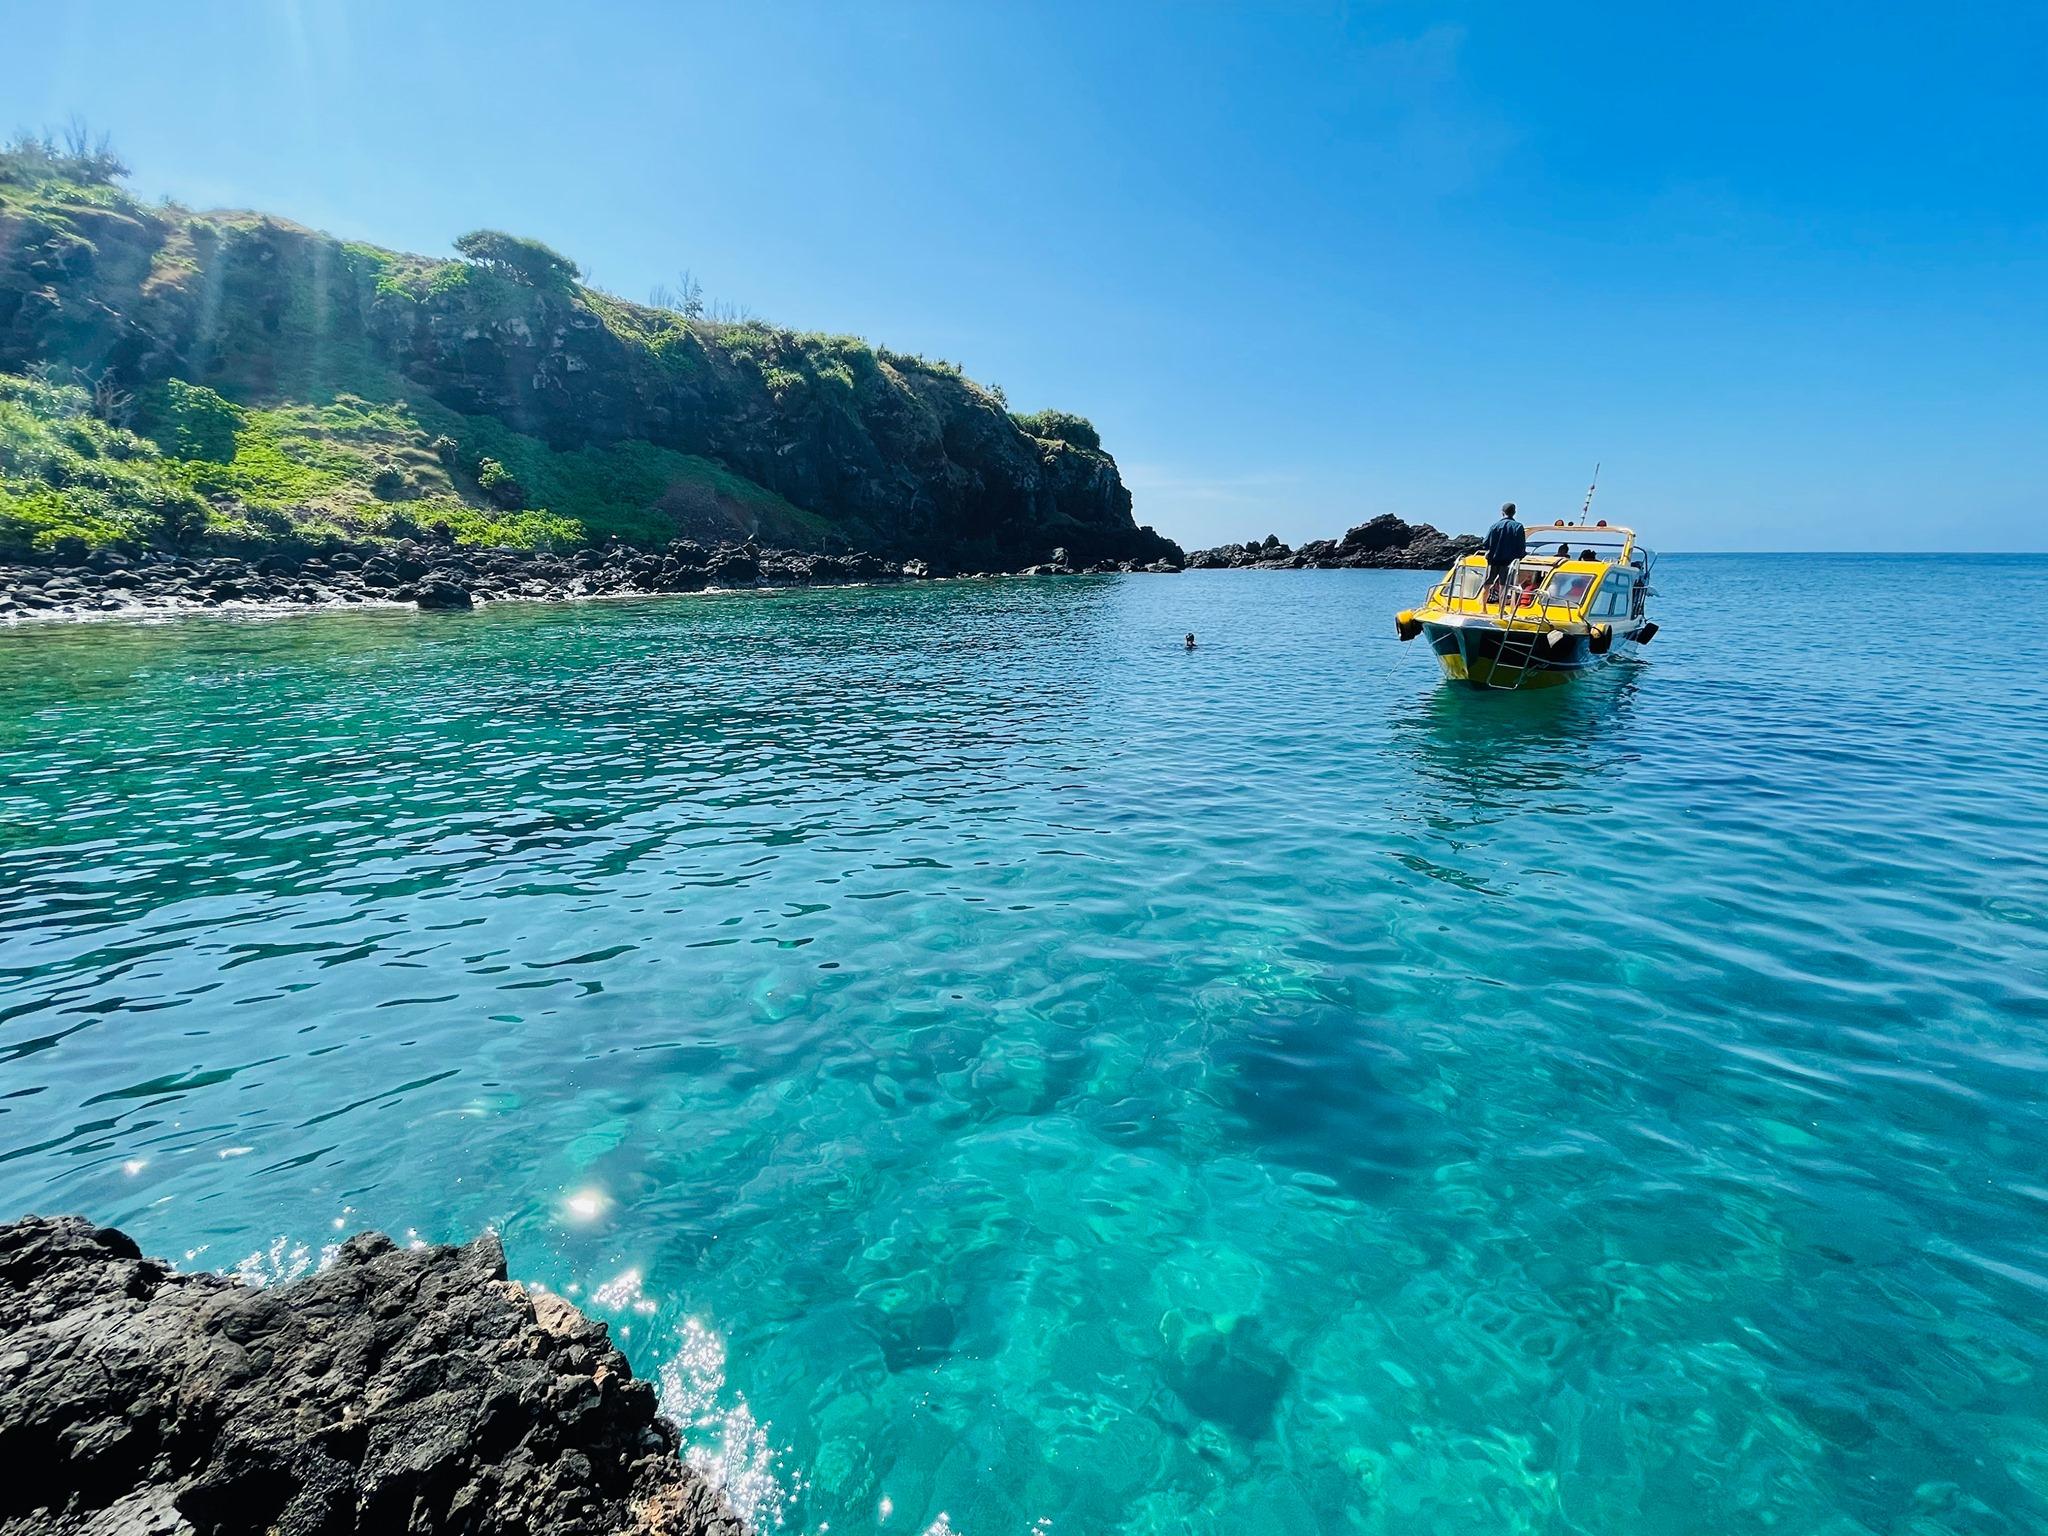 Du lịch đảo Phú Quý tháng 3 mùa đẹp nhất